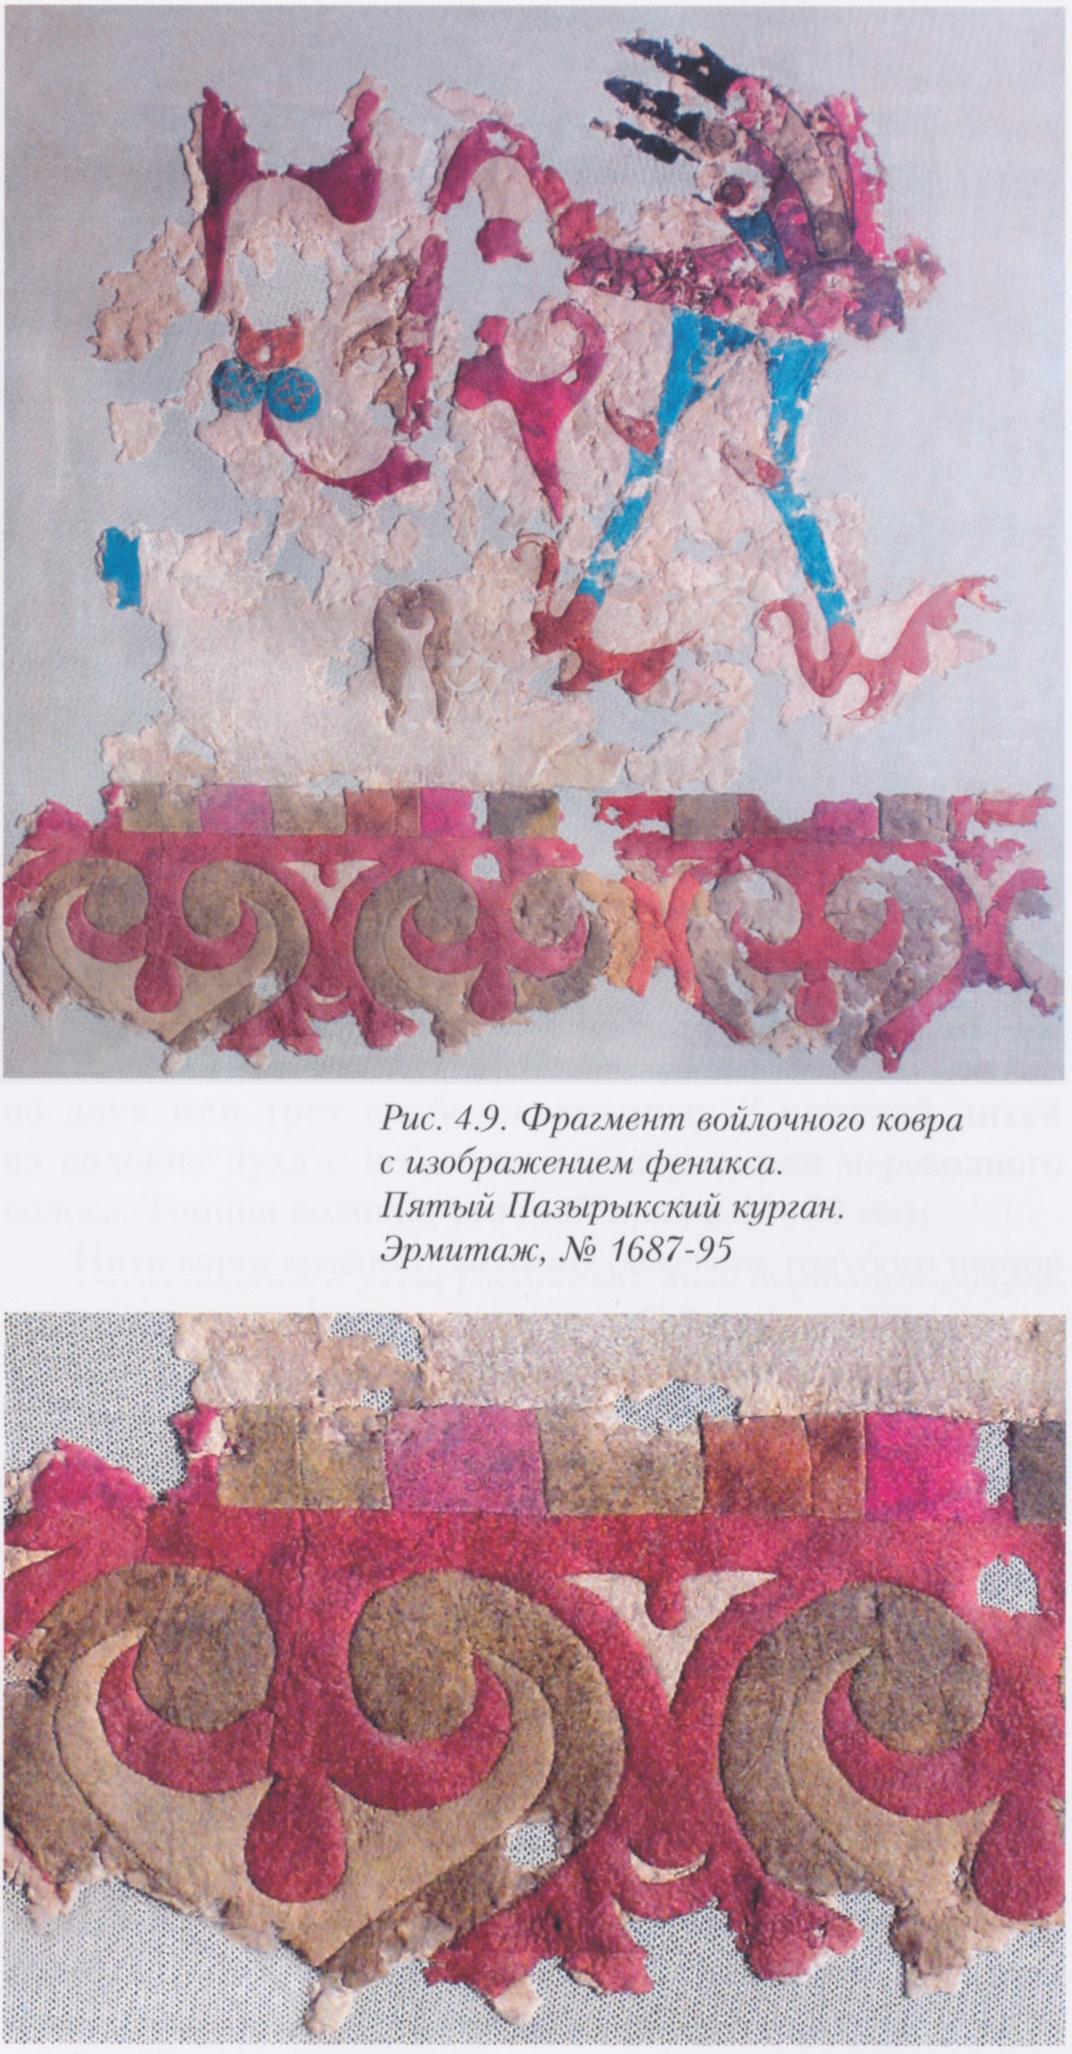 polosmak-barkova-2005-4-09.jpg